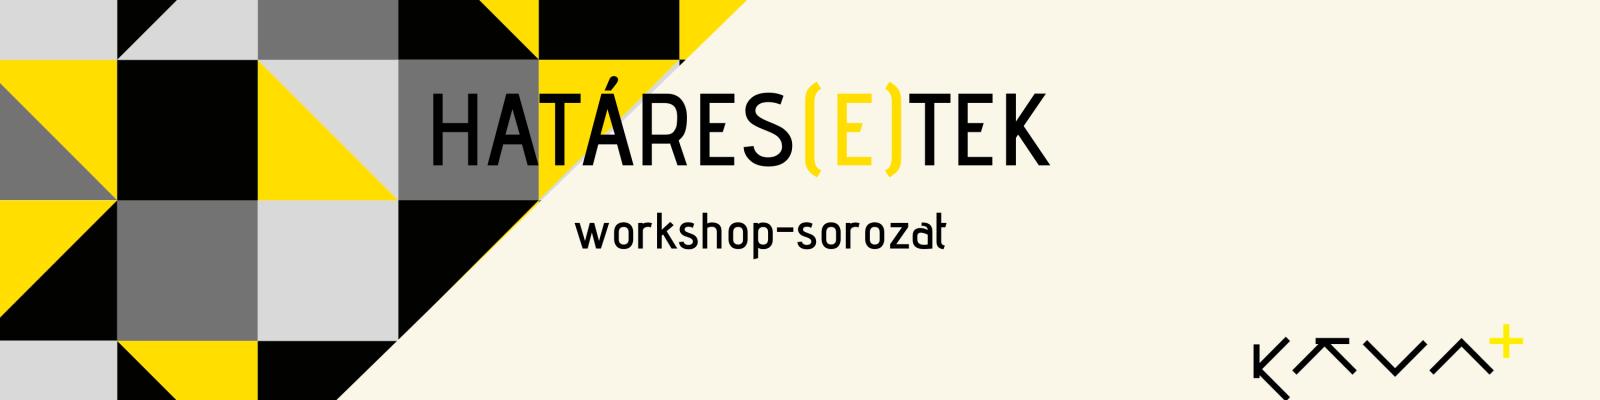 Határes(e)tek workshop-sorozat kiemelt kép